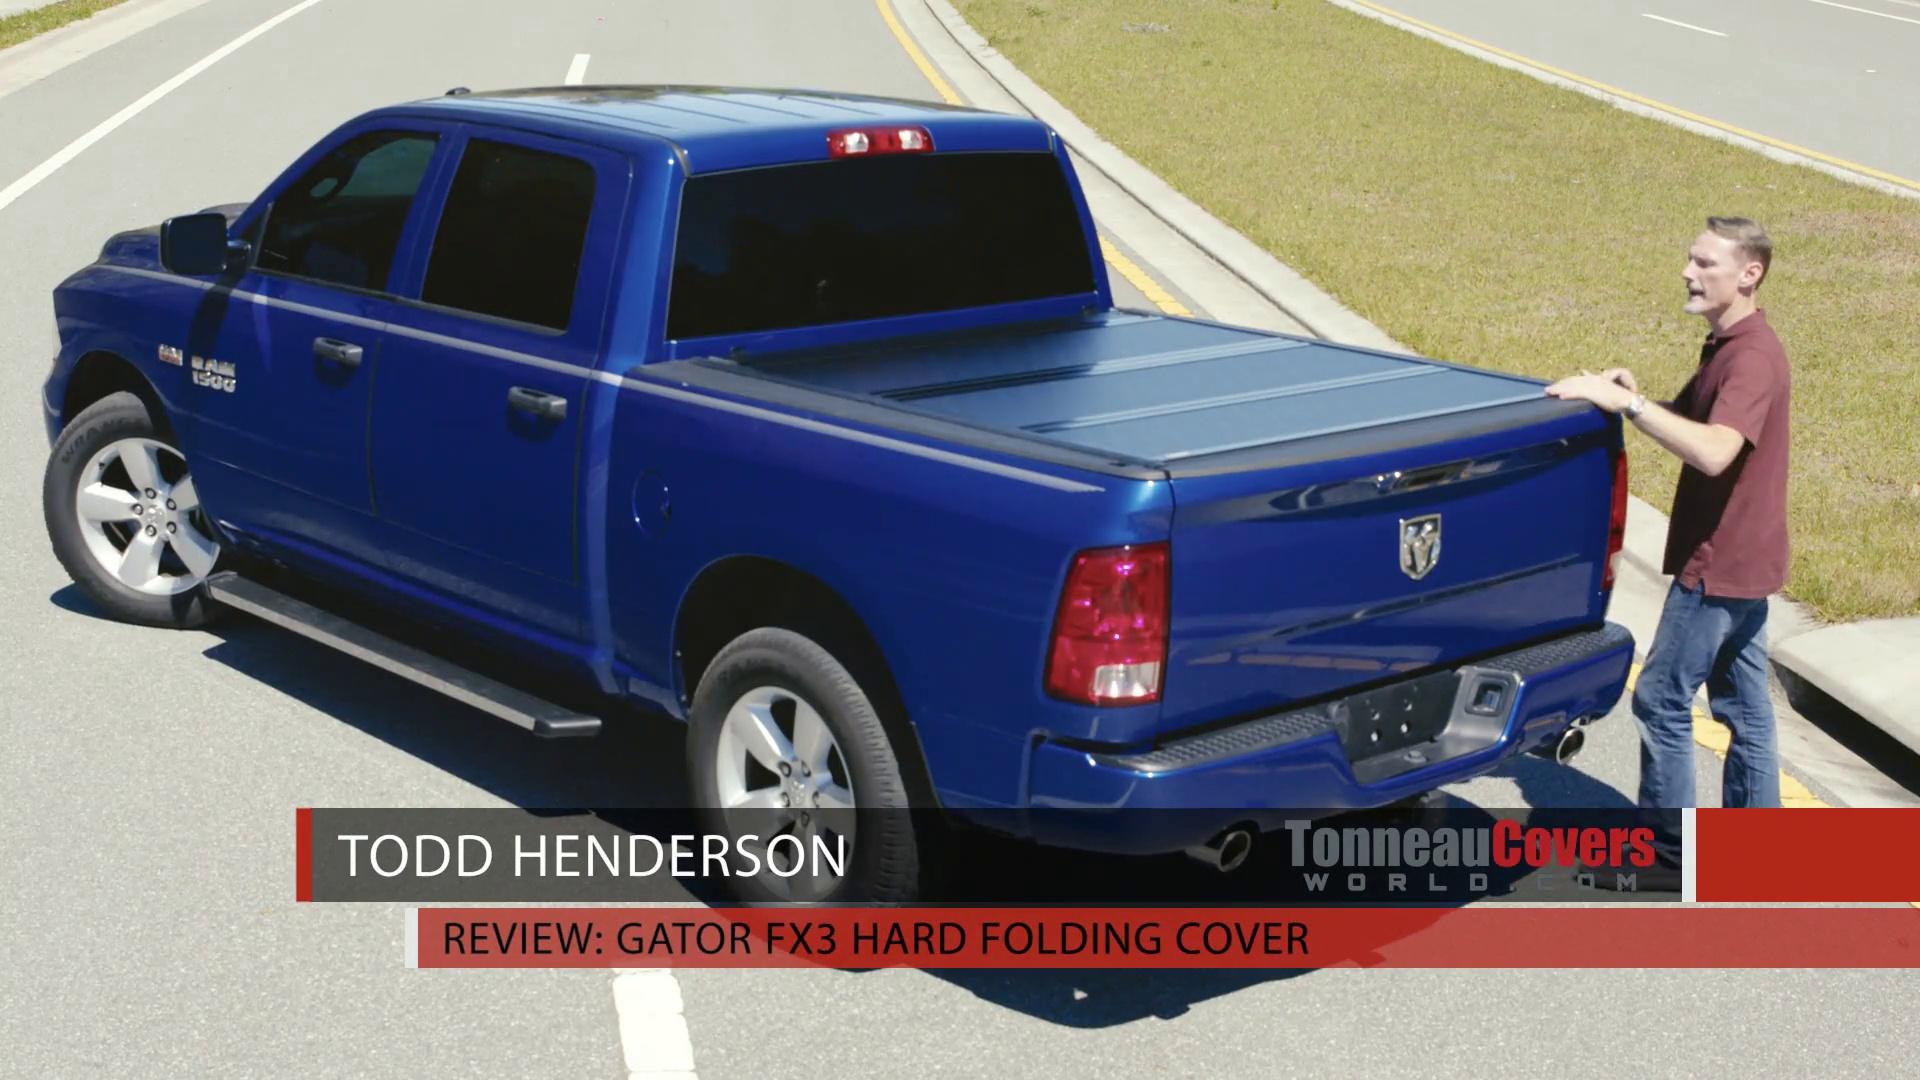 Ghf 6610427 Gator Fx3 Tonneau Cover Tonneau Covers World